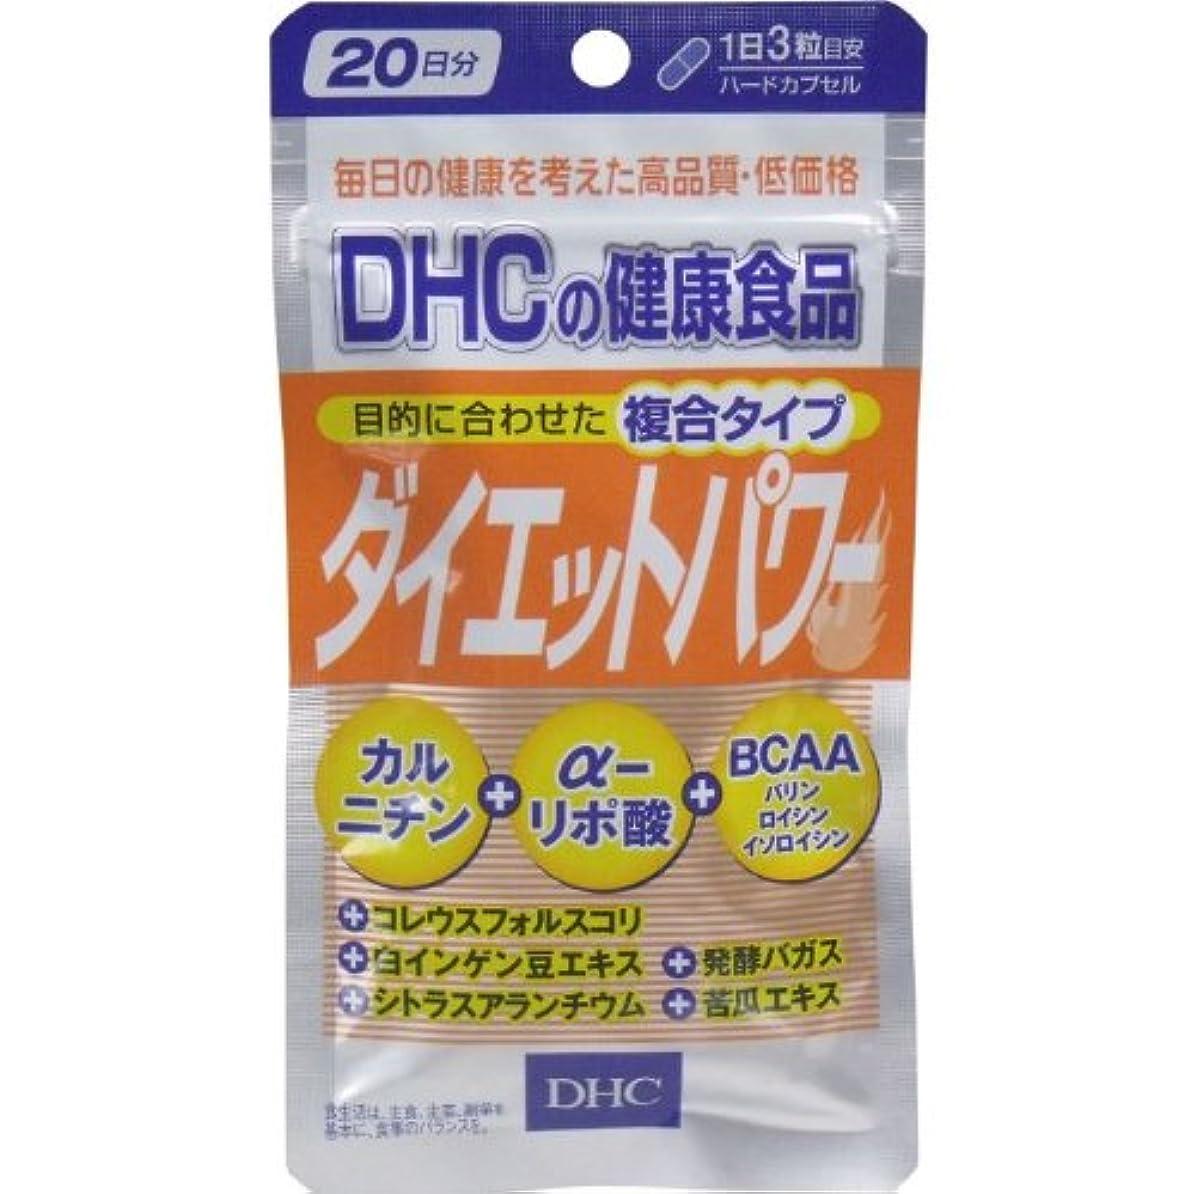 アプライアンス勇気のある波紋DHC ダイエットパワー 60粒入 20日分【2個セット】